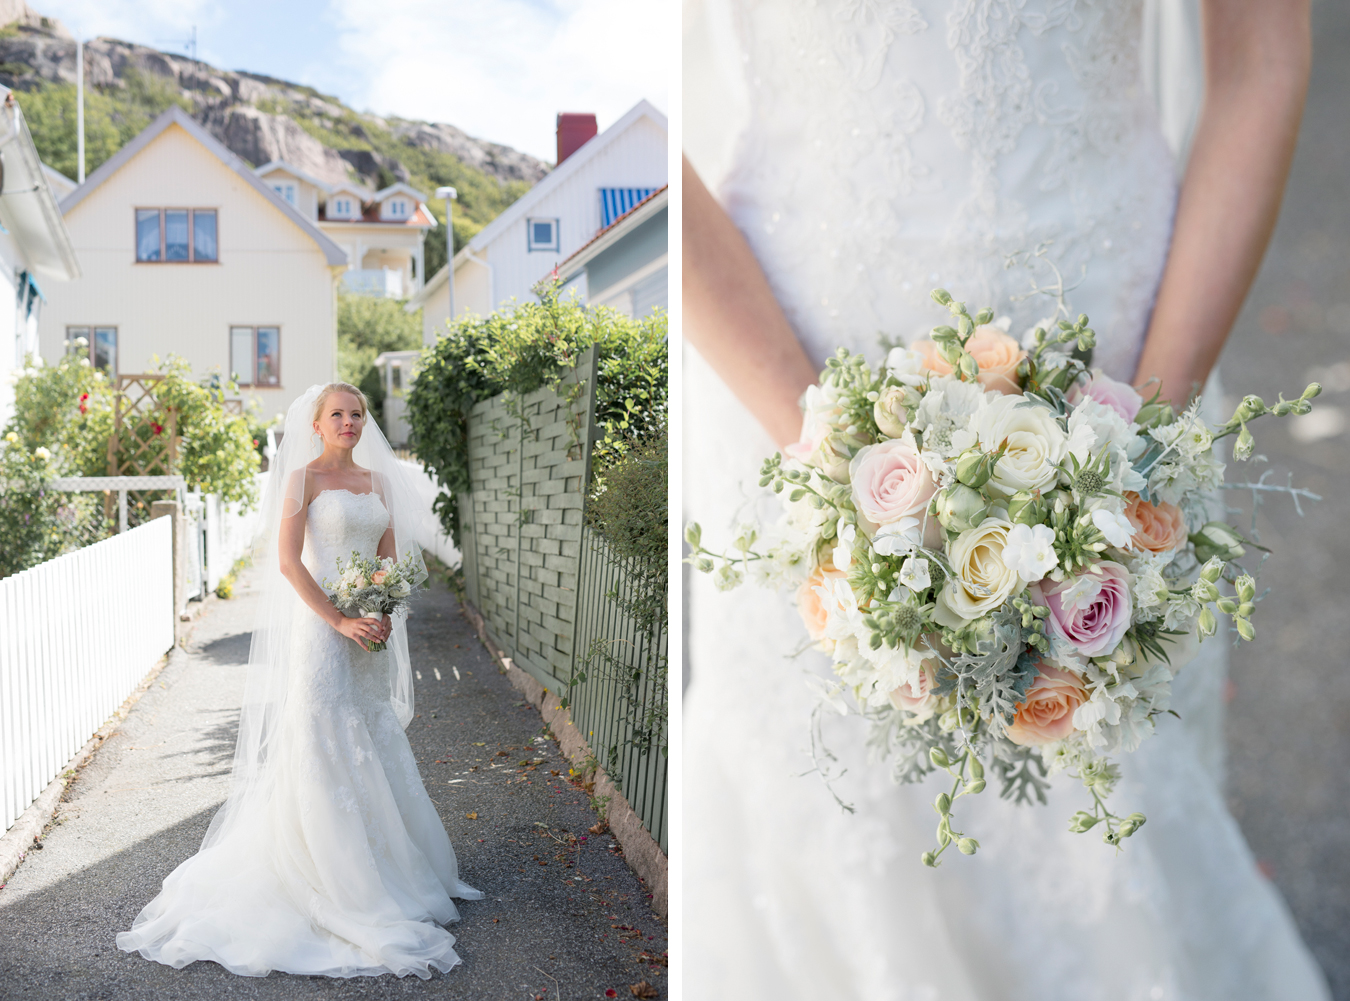 013-bröllopsfotograf-ulebergshamn-göteborg-neas-fotografi.jpg